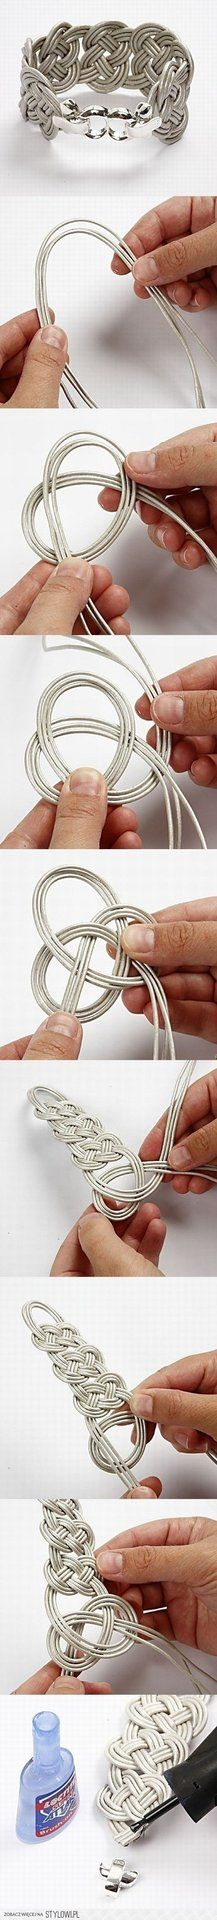 DIY bracelet Crafts Ideas, Celtic Knots, Knots Bracelets, Diy Tutorials, Braids Bracelets, Diy Bracelets, Knot Bracelets, Wire Bracelets, Leather Bracelets